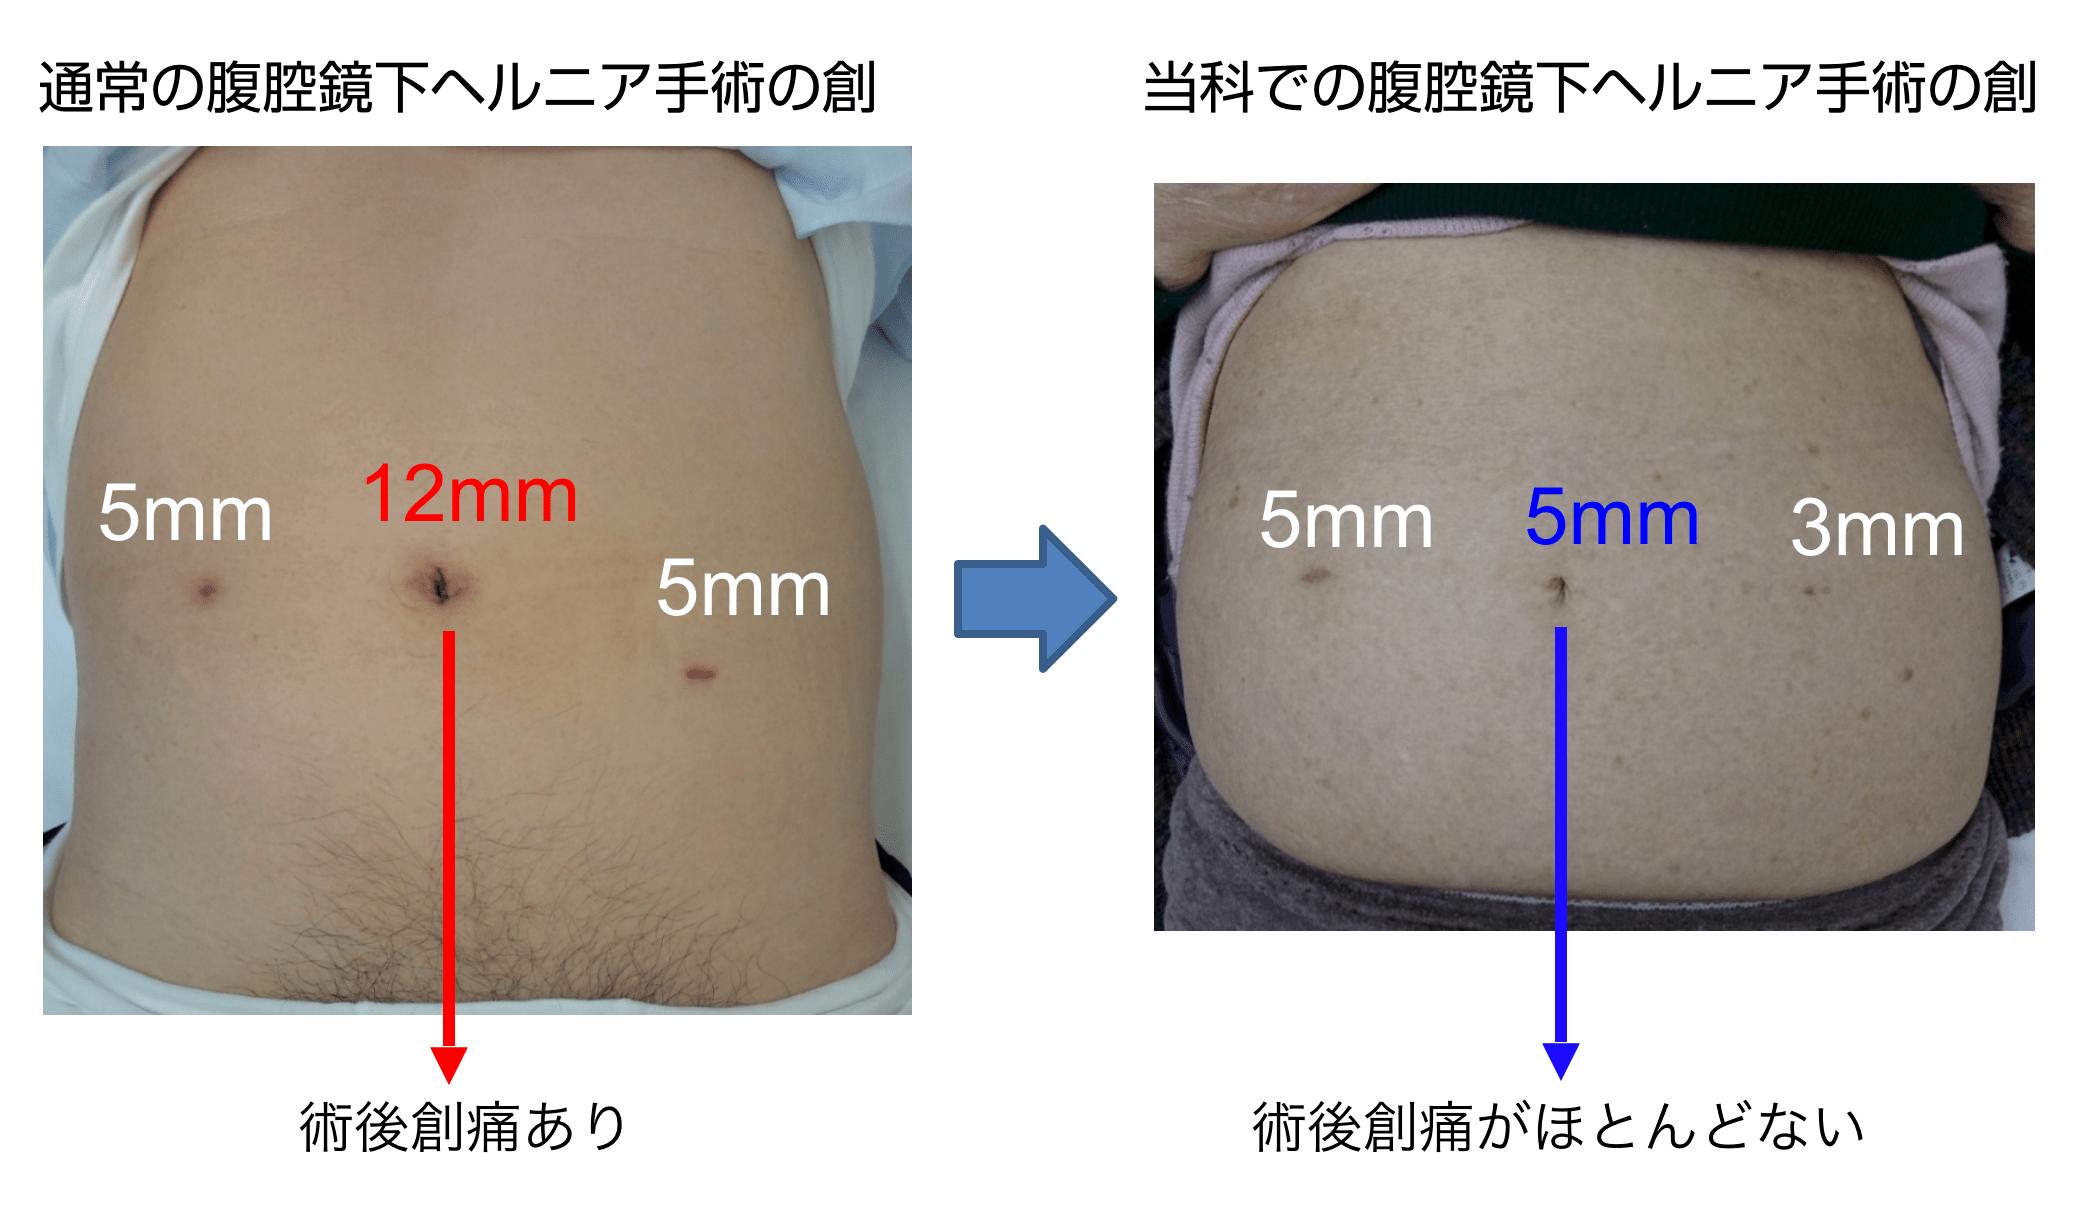 手術 腹腔 へそ 鏡